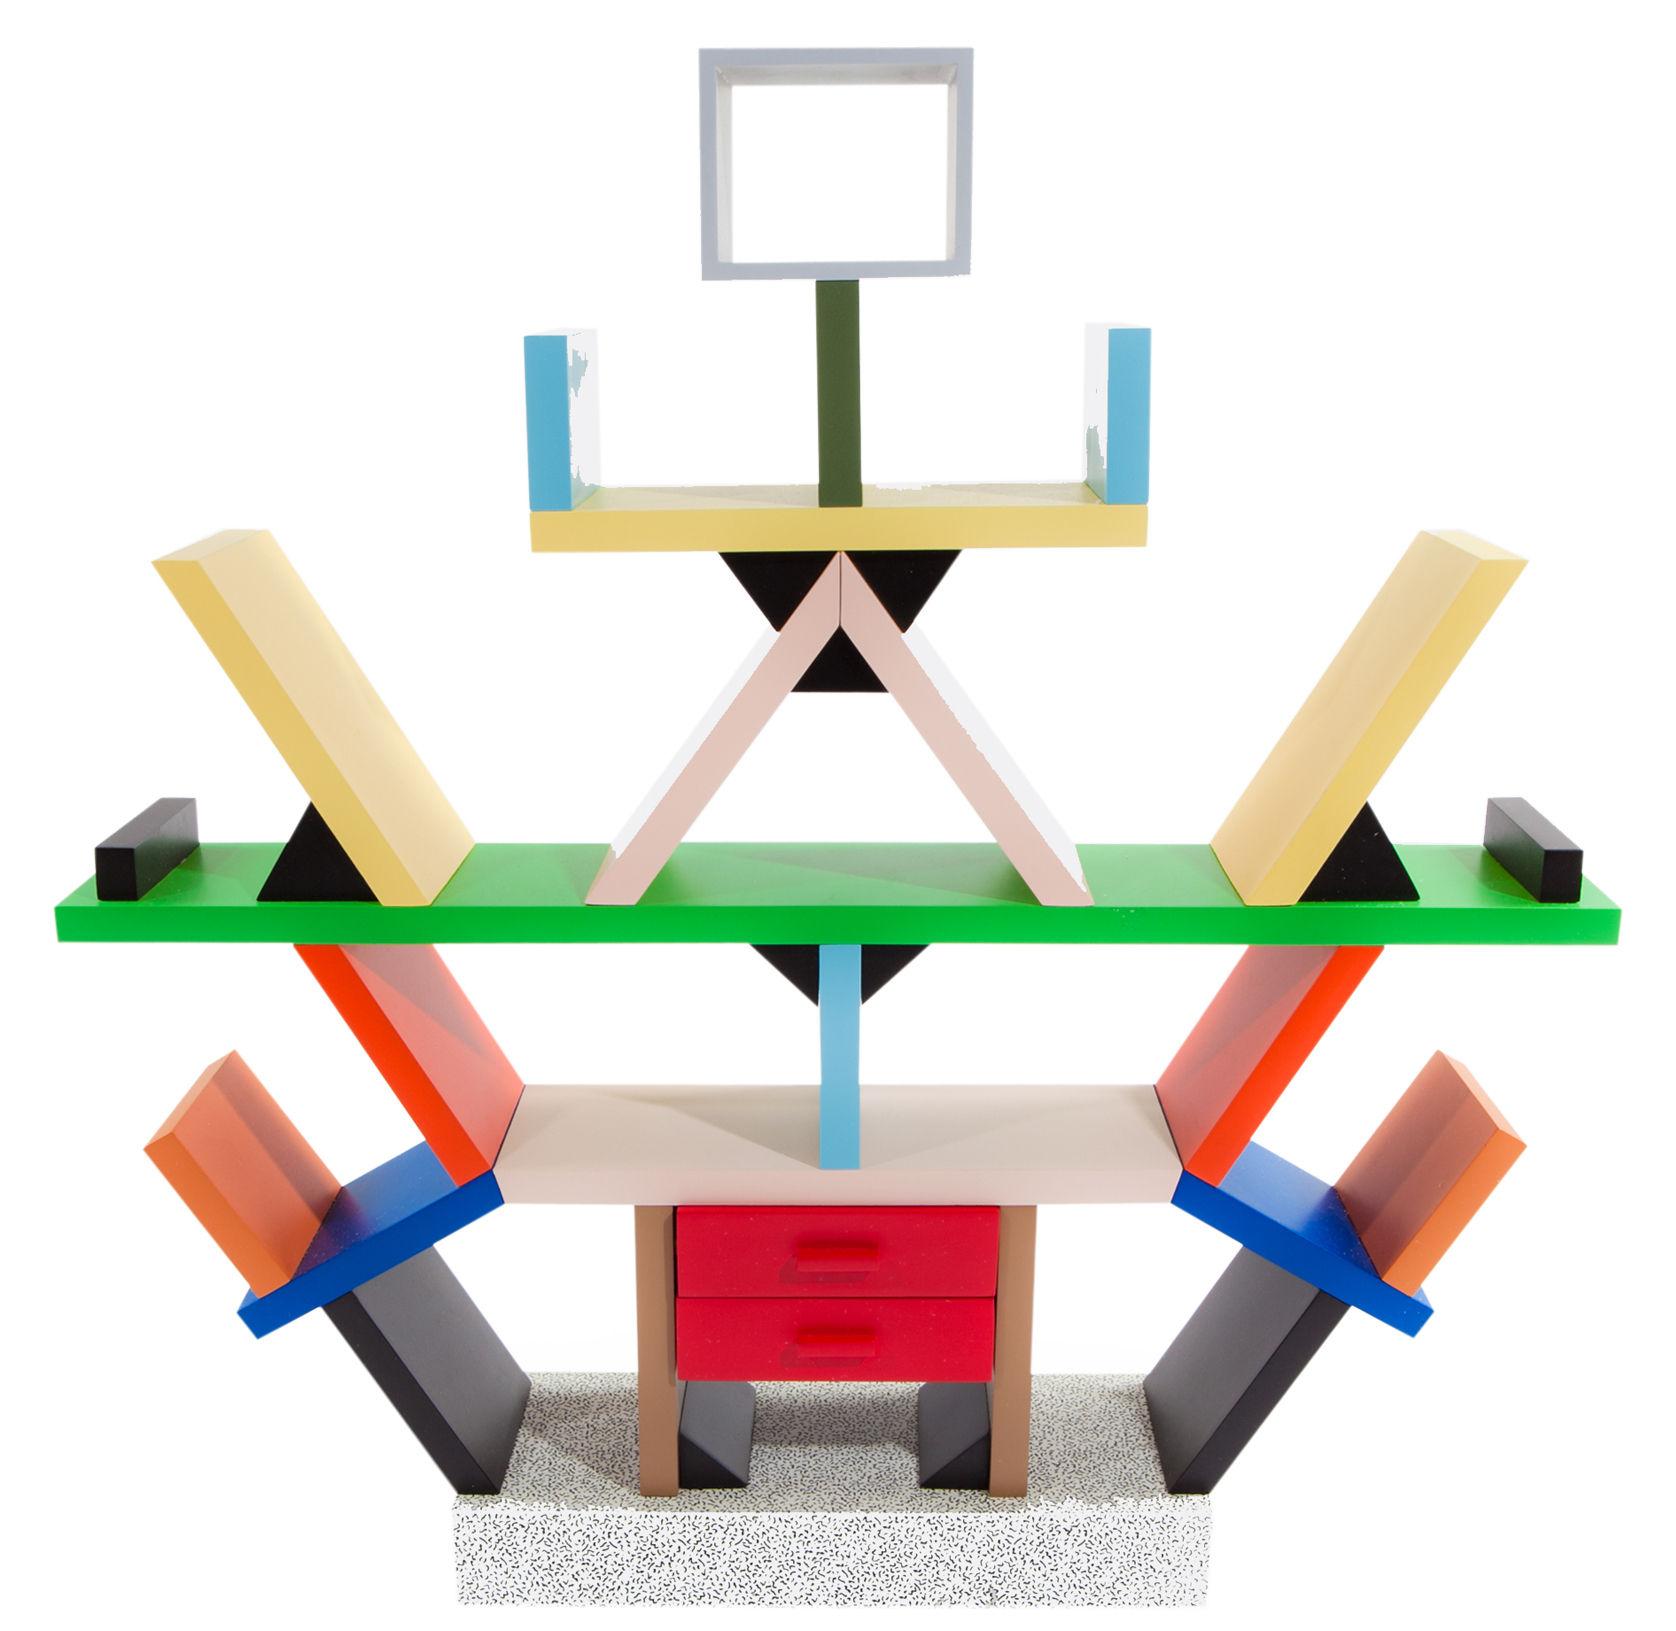 Mobilier - Etagères & bibliothèques - Bibliothèque Carlton by Ettore Sottsass / Séparation / 1981 - Memphis Milano - Multicolore - Bois laqué, Laminé plastique